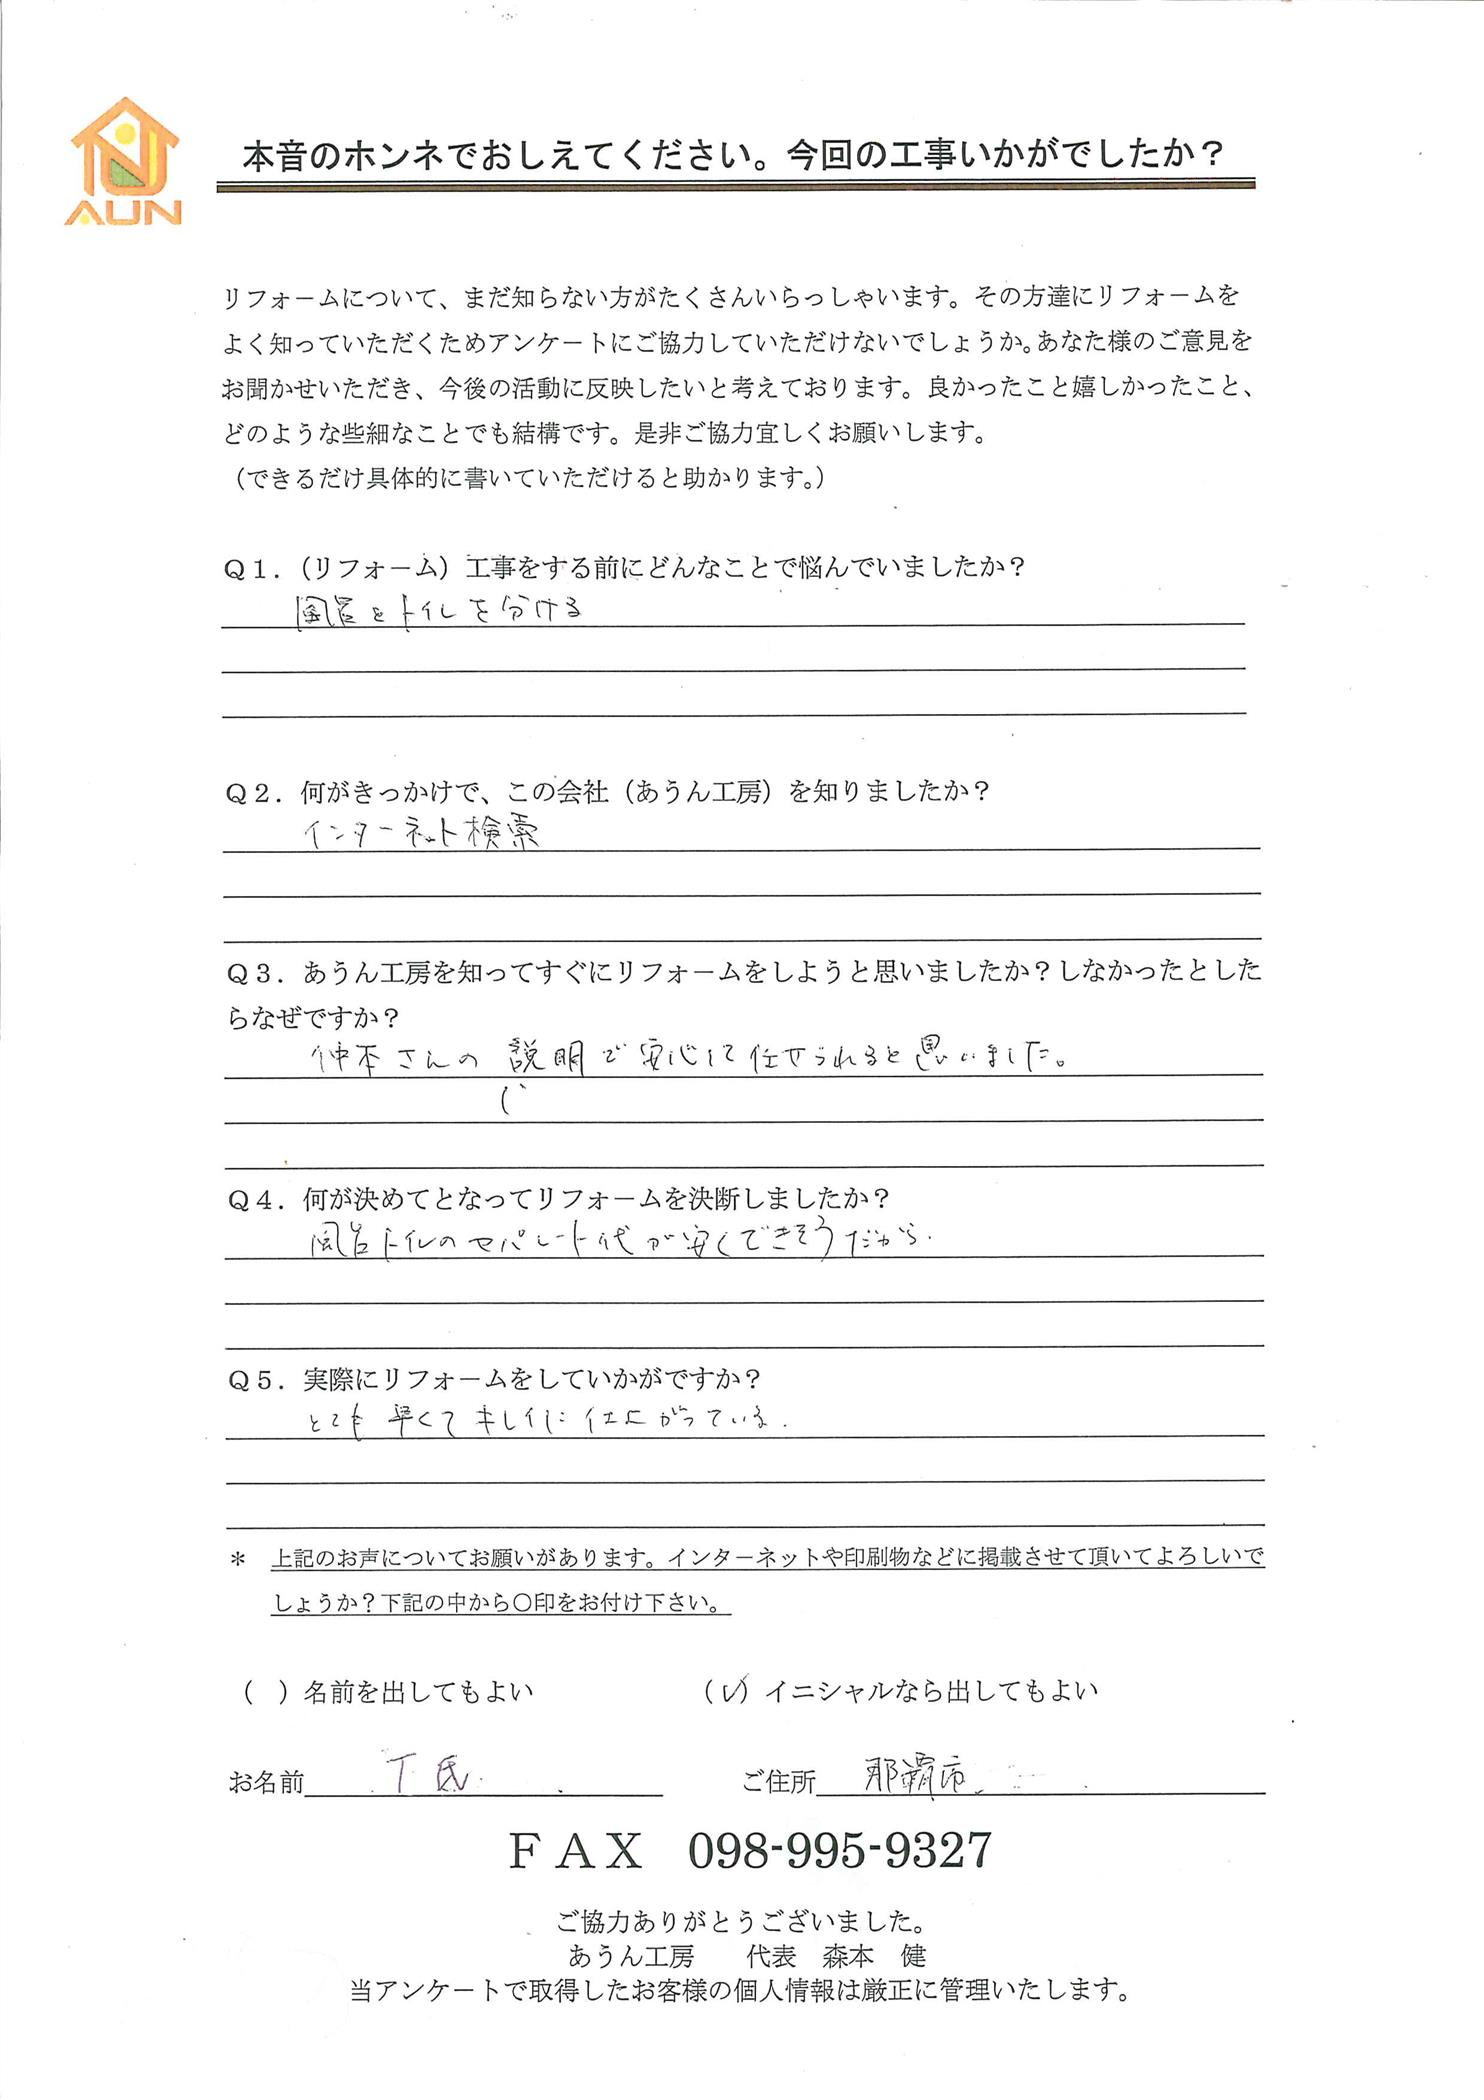 沖縄・那覇のリフォーム 実際のアンケートの画像:T氏改装工事